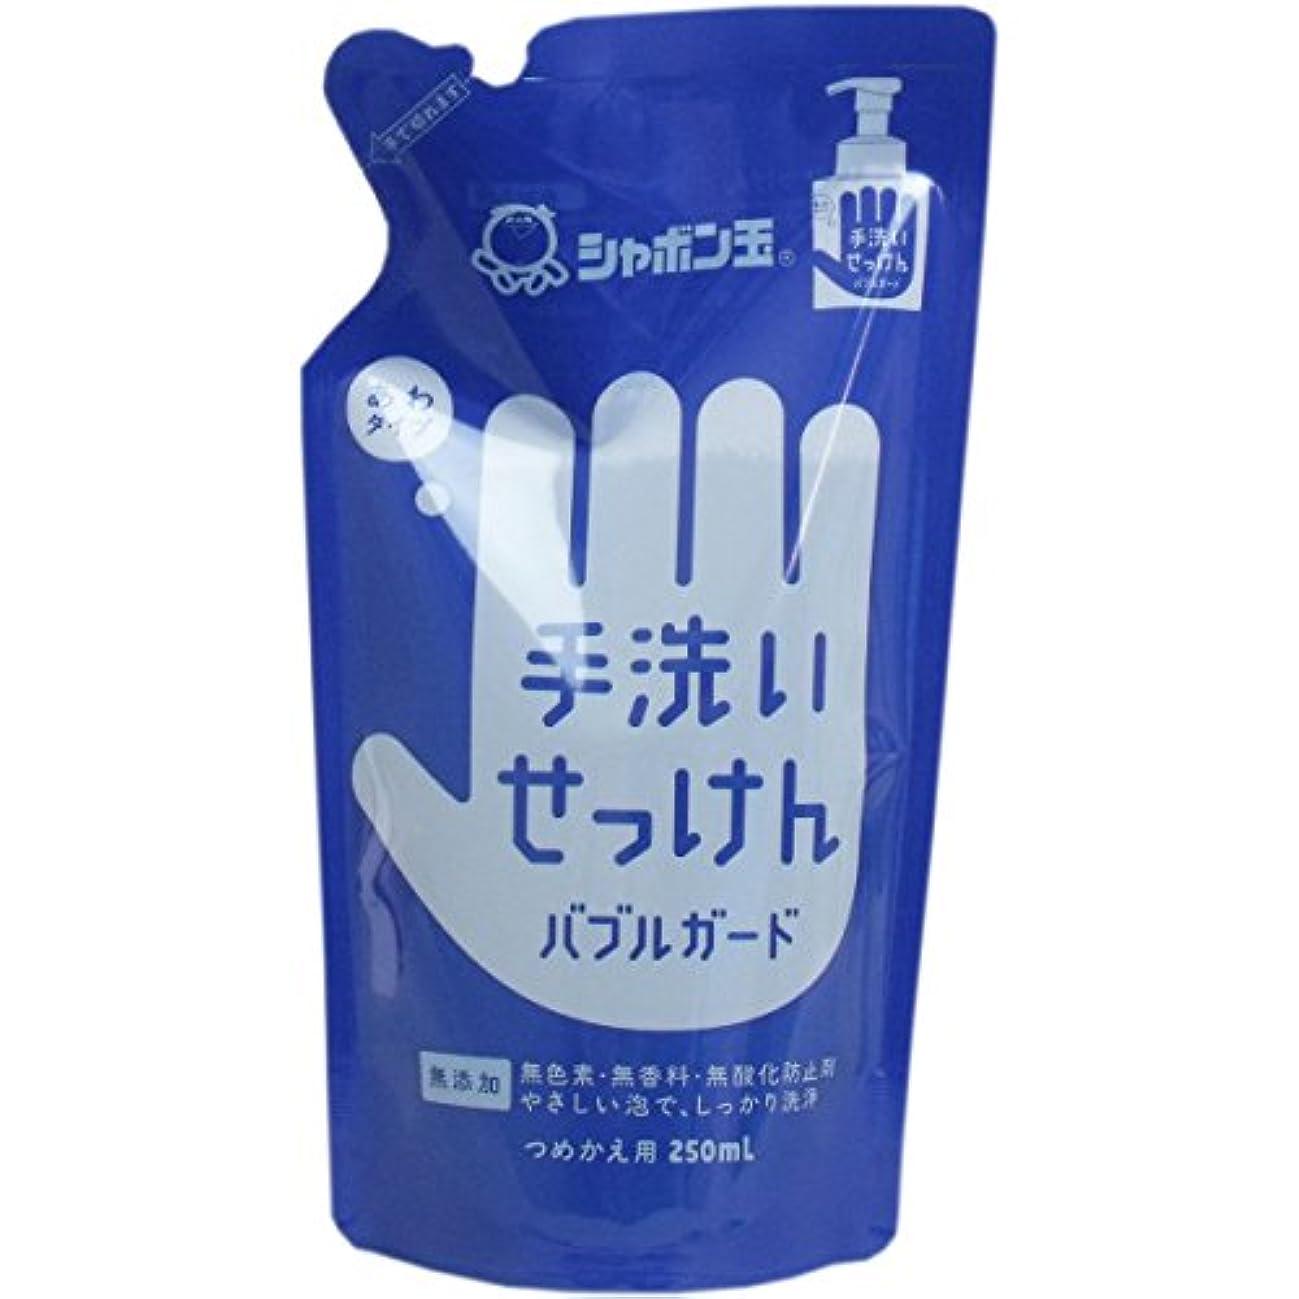 業界スペル証言シャボン玉石けん 手洗いせっけん バブルガード 詰め替え用 250ml 【12個セット】